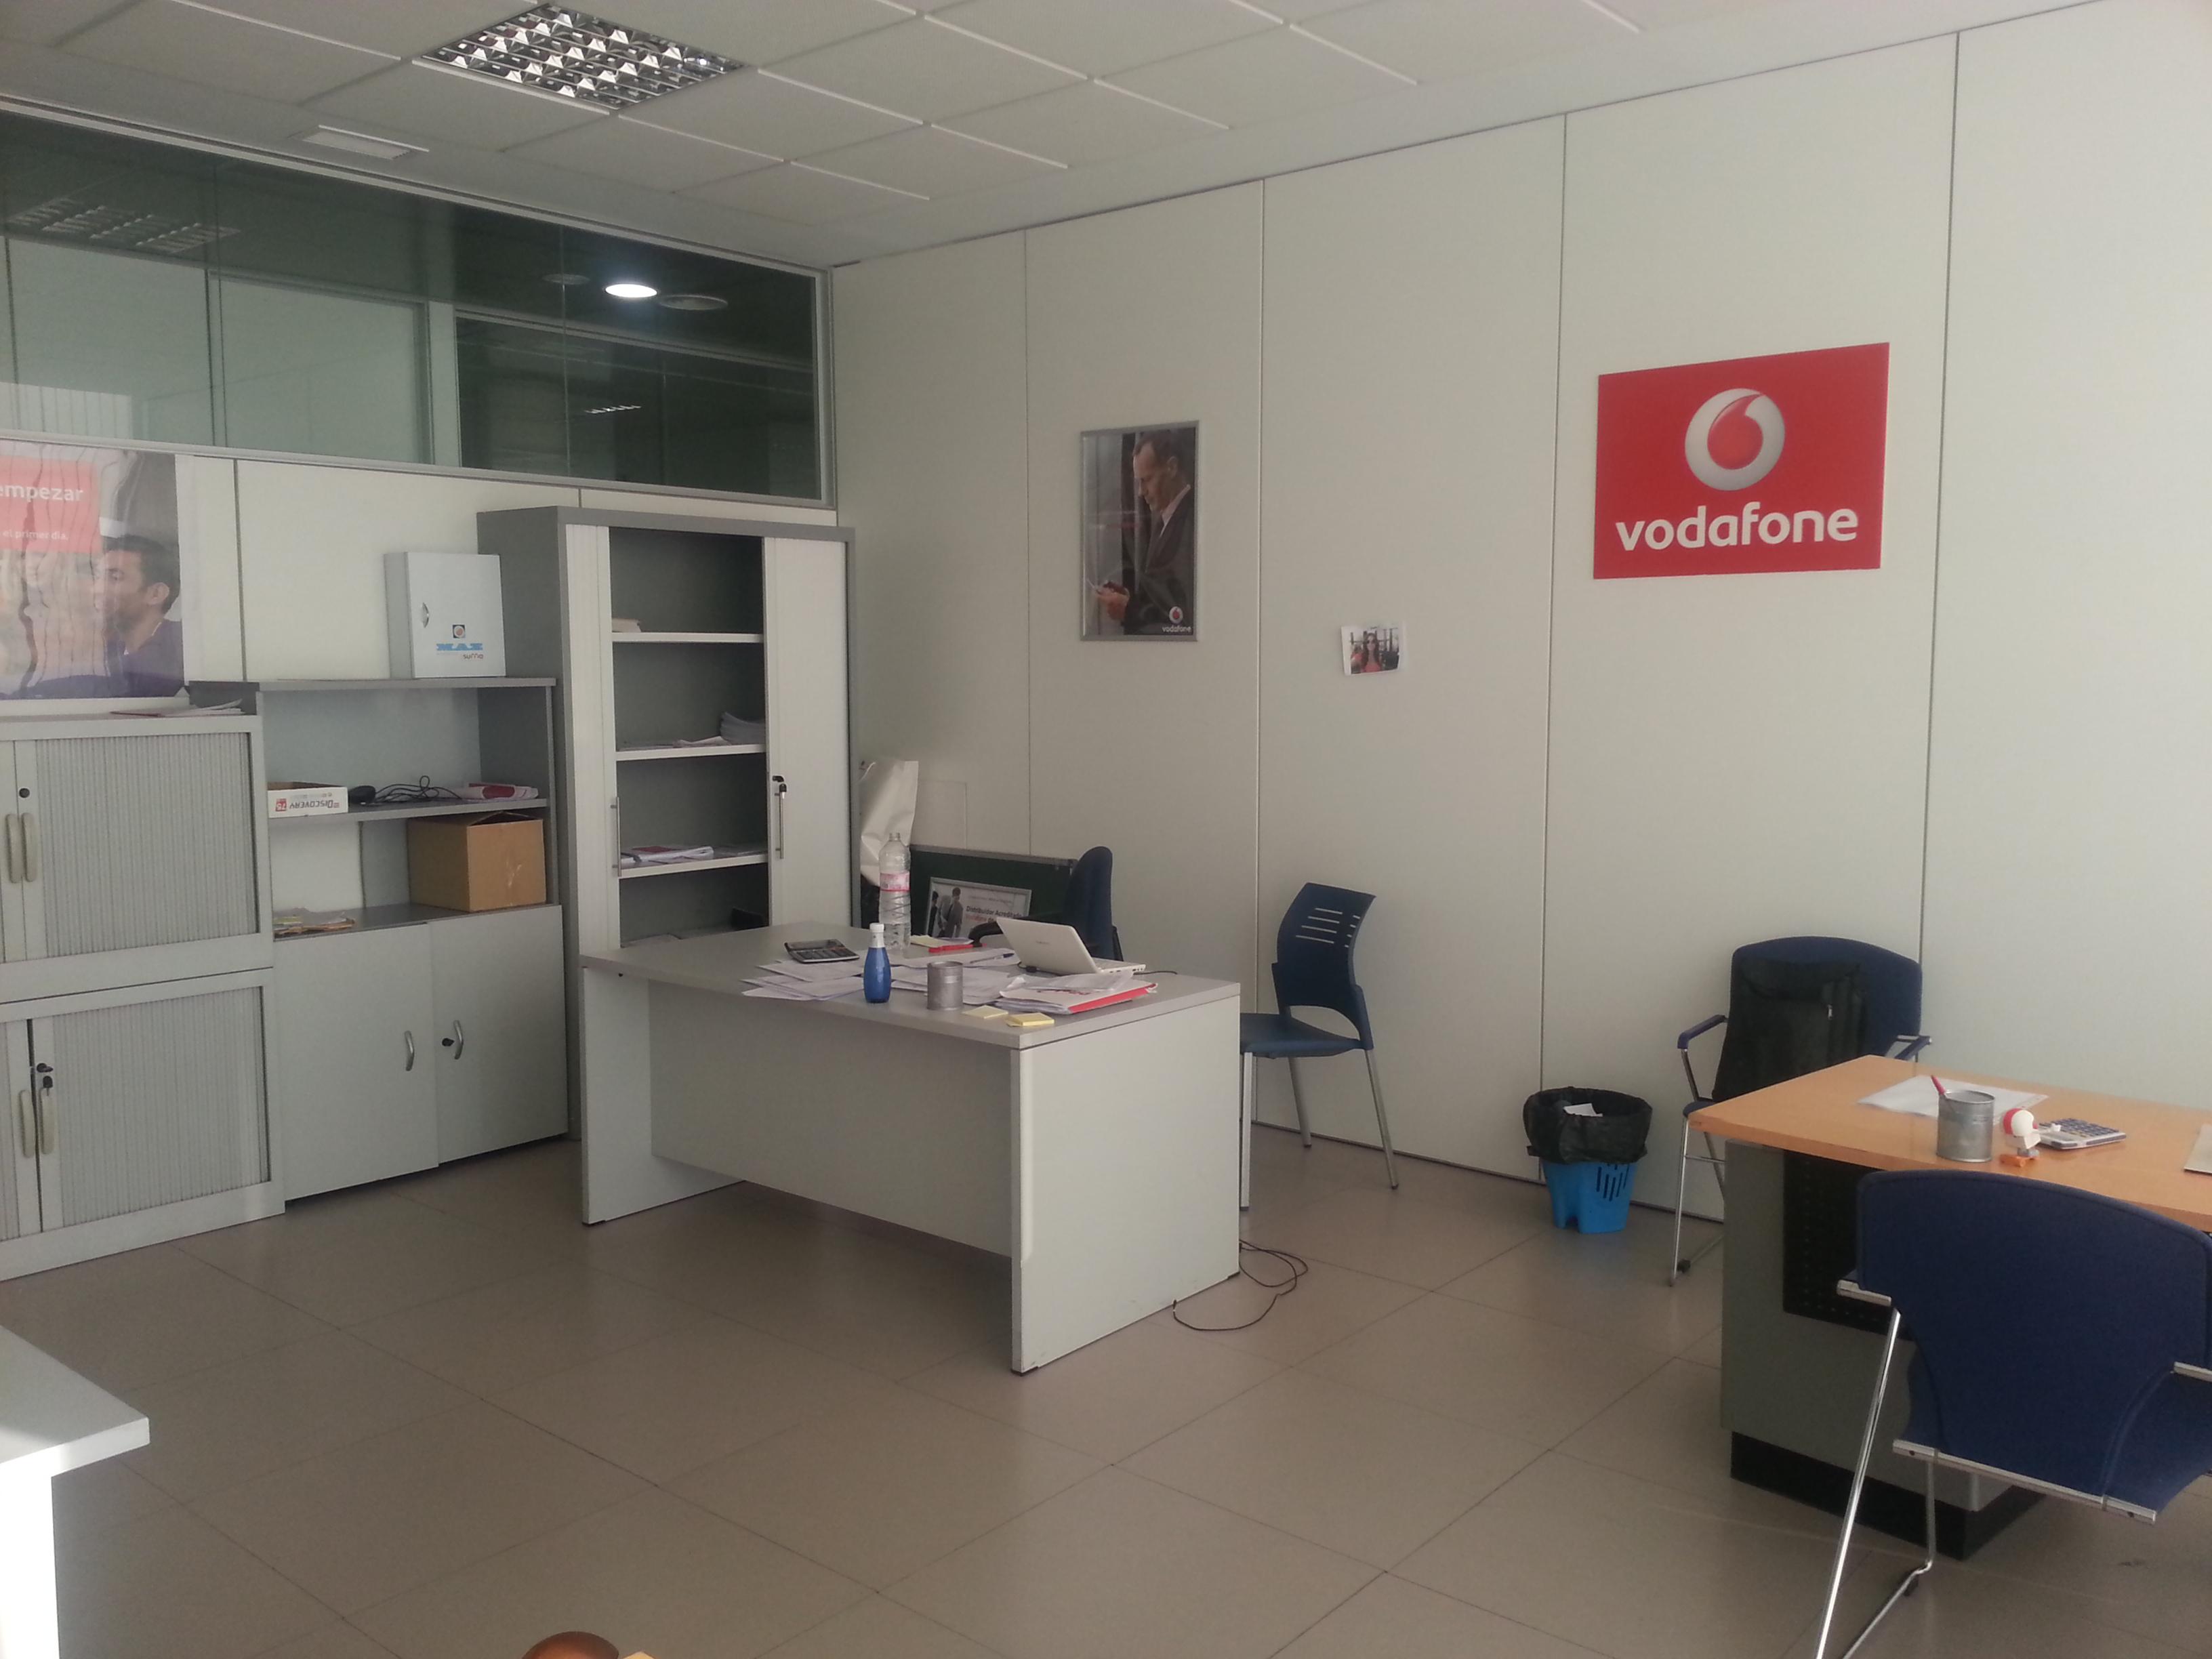 Centro de negocios atalayas alicante alquiler oficinas y for Oficinas bankia alicante